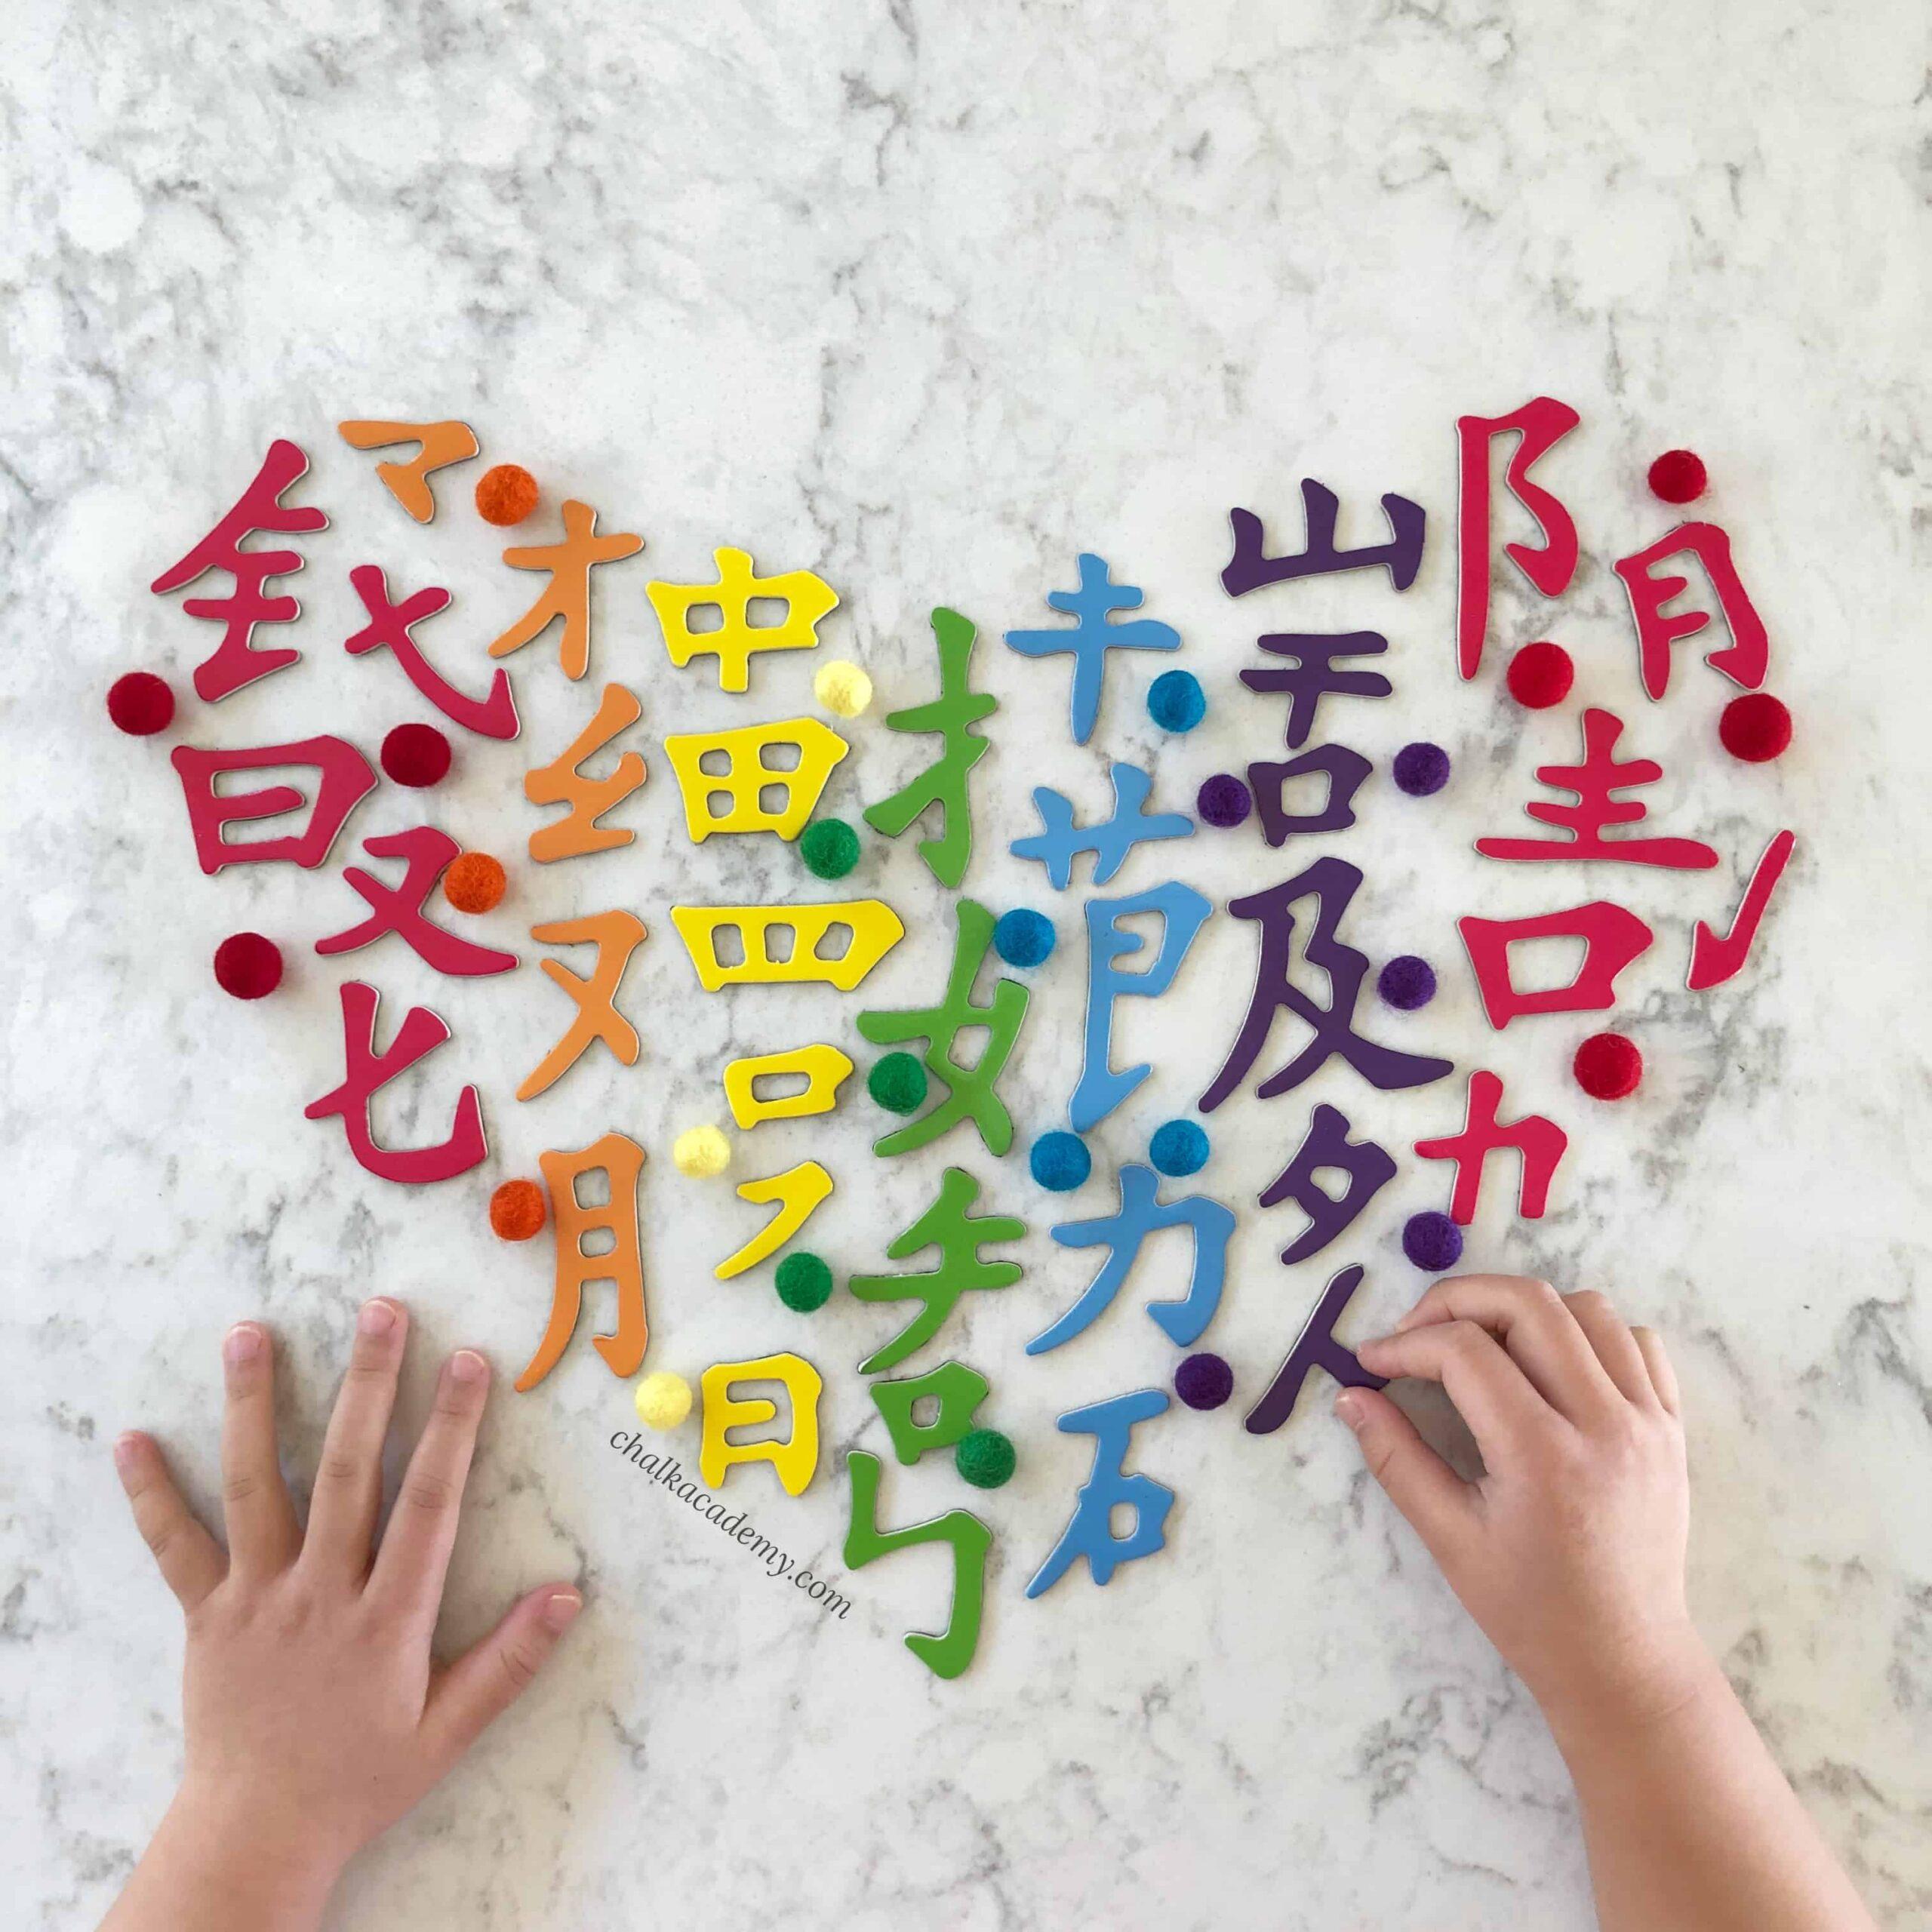 磁性拼字拼图 Chinese Characters Magnetic Spelling Game